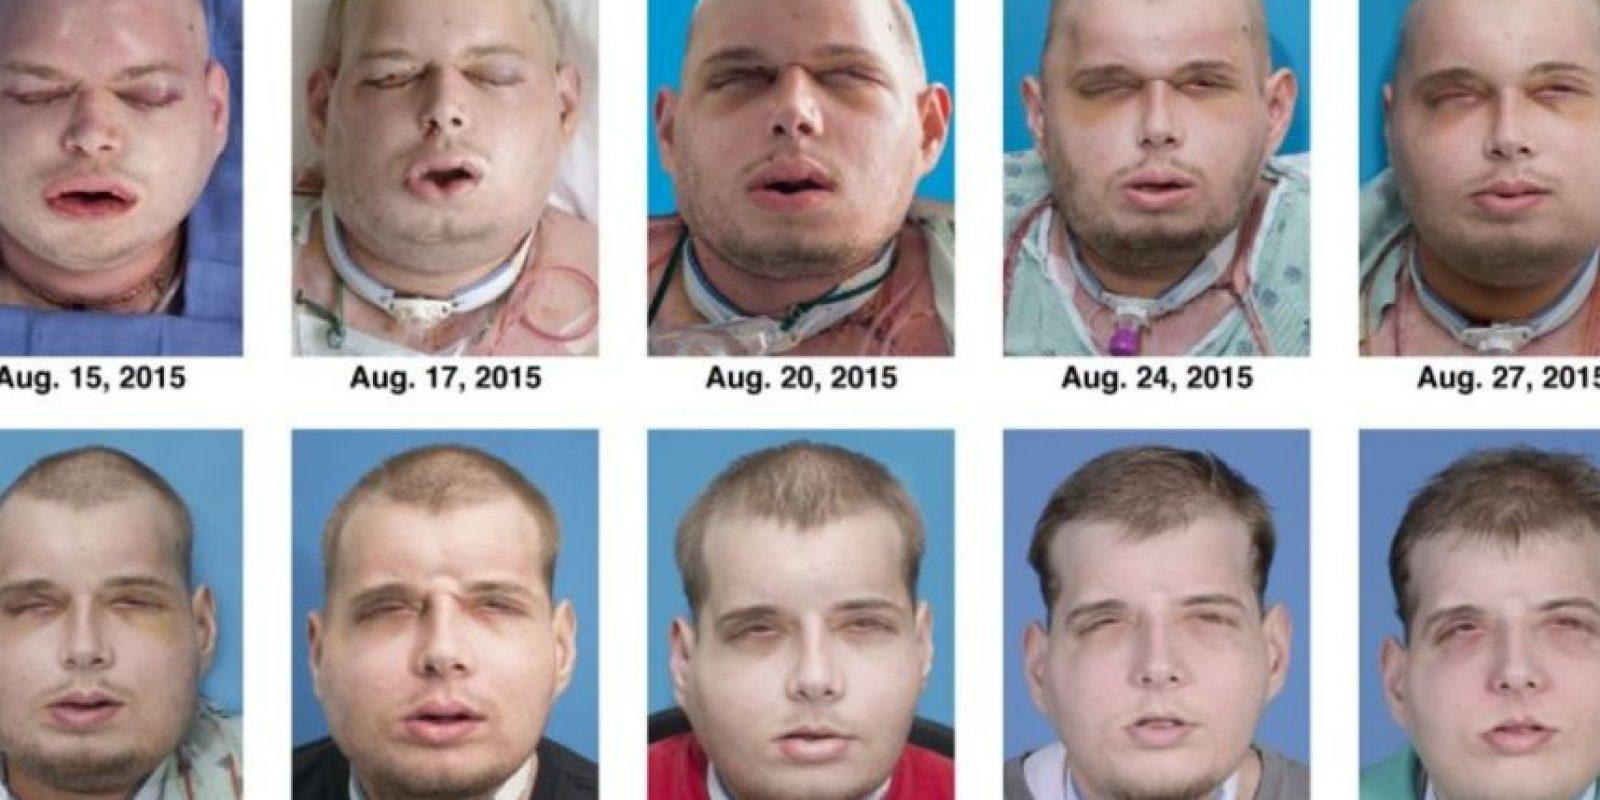 Cirujanos de Estados Unidos realizaron el transplante de rostro más extenso del mundo, en el que se incluyeron cuero cabelludo, orejas y párpados. Foto:AFP